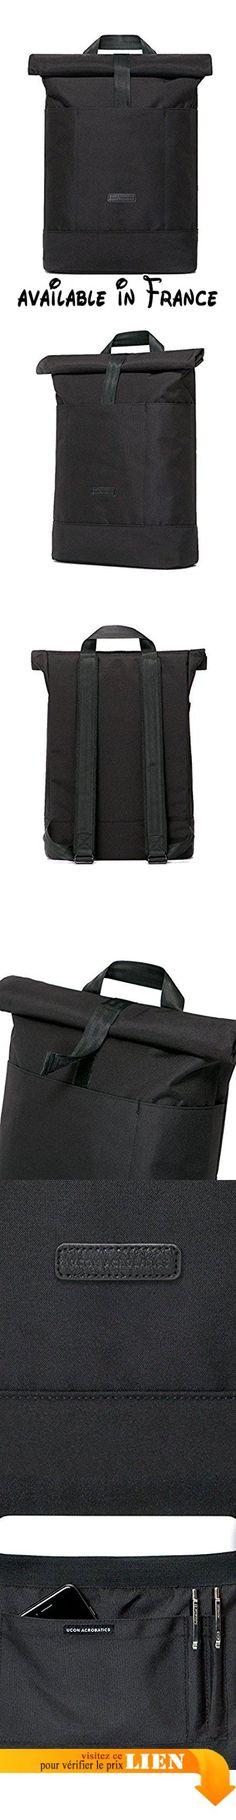 Deuter Pace 36 Red/black 2018 Taille Unique Noir/rouge HaW7CZB